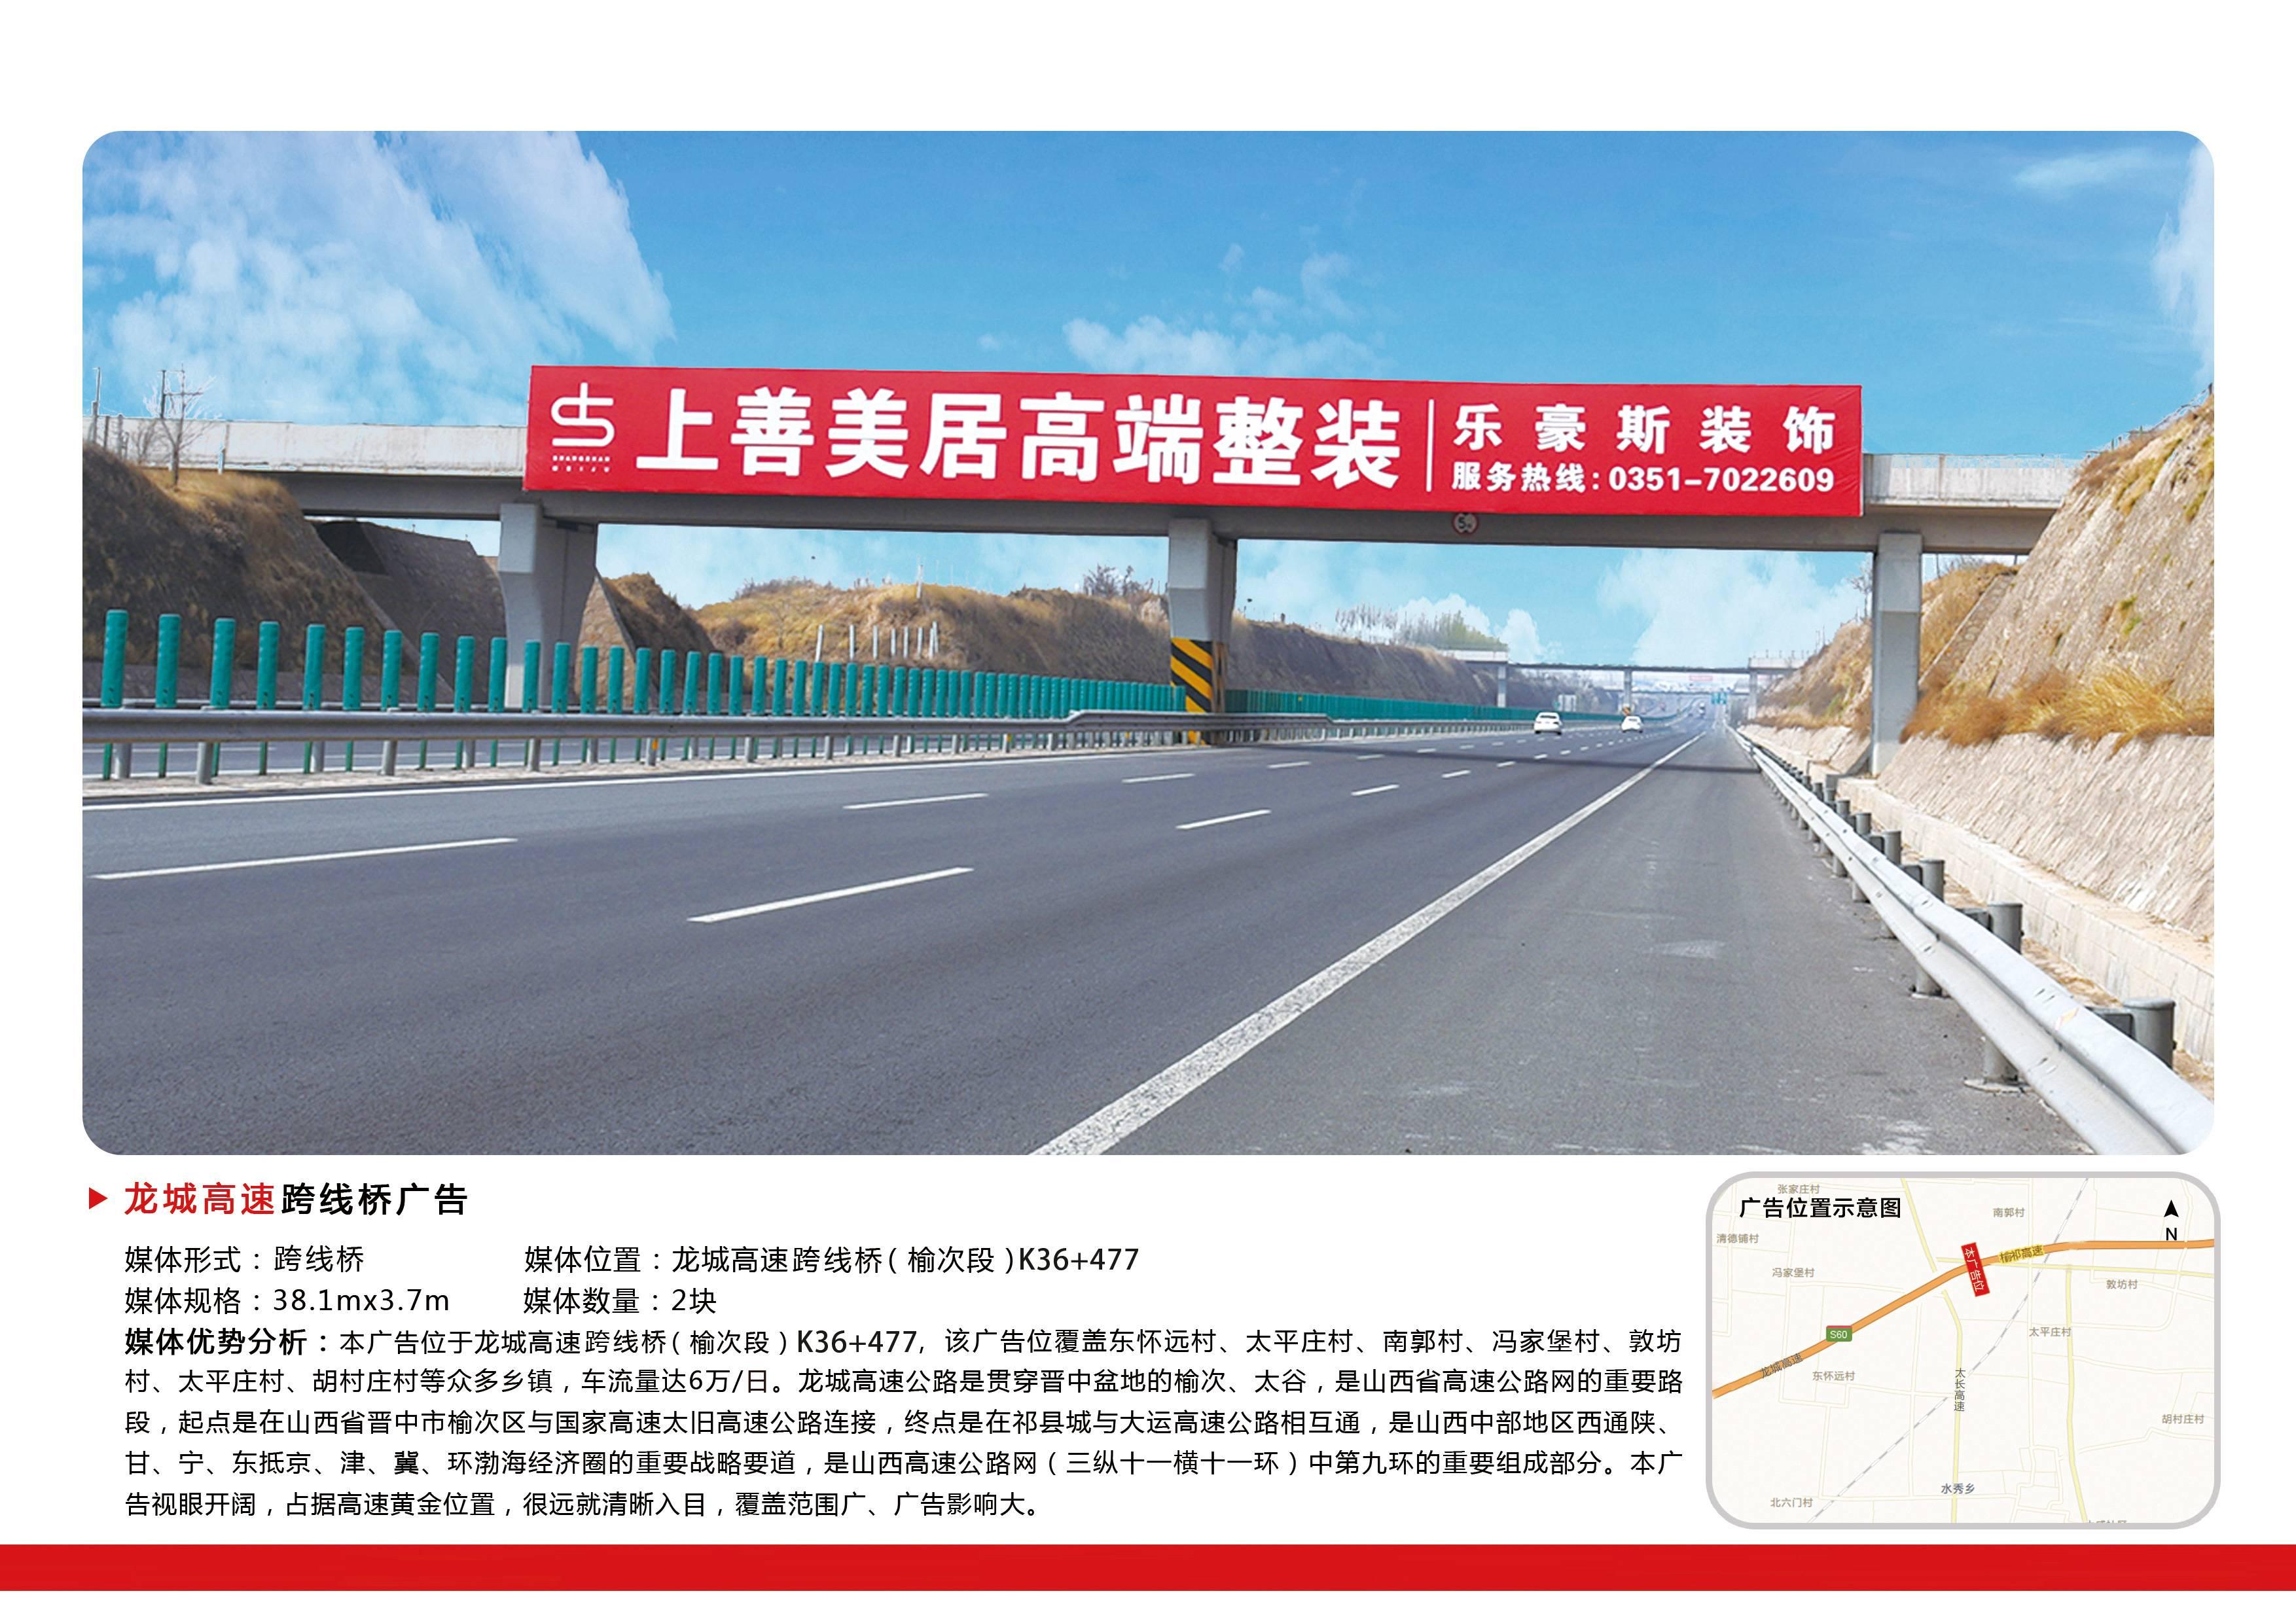 山西太原二环G2001高速公路路牌跨桥广告